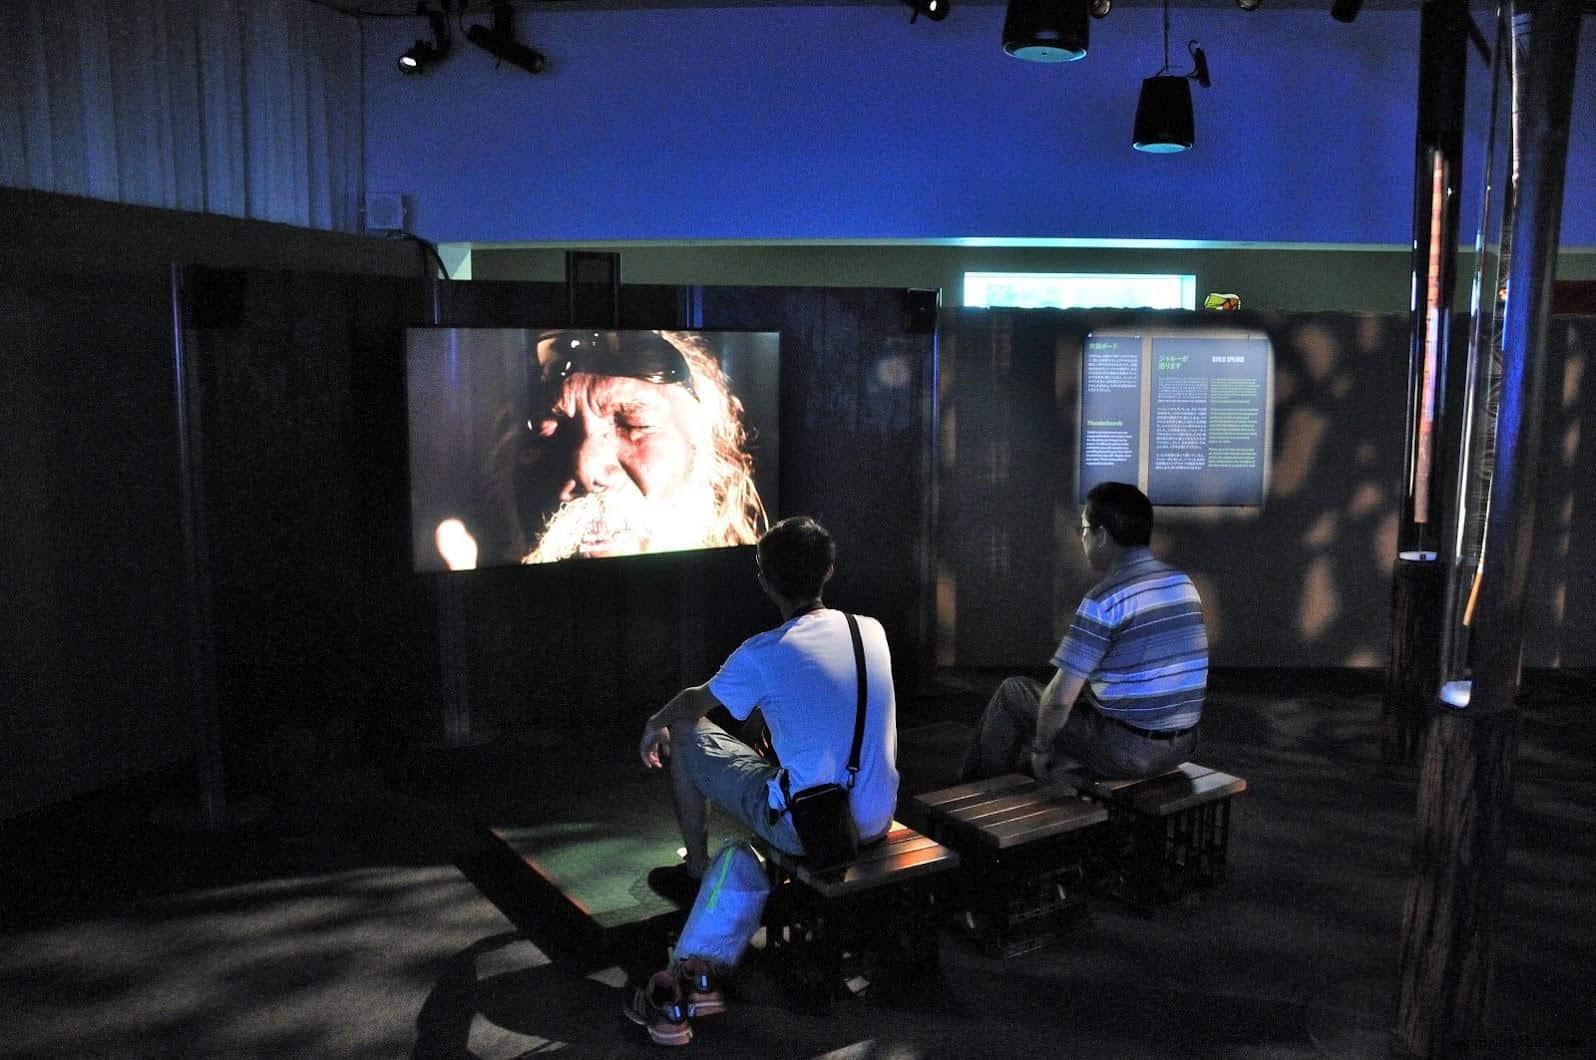 MVRDV,松代雪國農耕文化村[農舞臺],「Yidaki迪吉里杜與澳洲大地之音」,迪吉里杜是澳洲傳統樂器,也是世界最古老的樂器之一。正在介紹大師賈魯古魯維維(Djalu Gurruwiwi) 松代雪國農耕文化村[農舞臺] 松代雪國農耕文化村[農舞臺] no butai snow land agrarian culture center matsudai 10